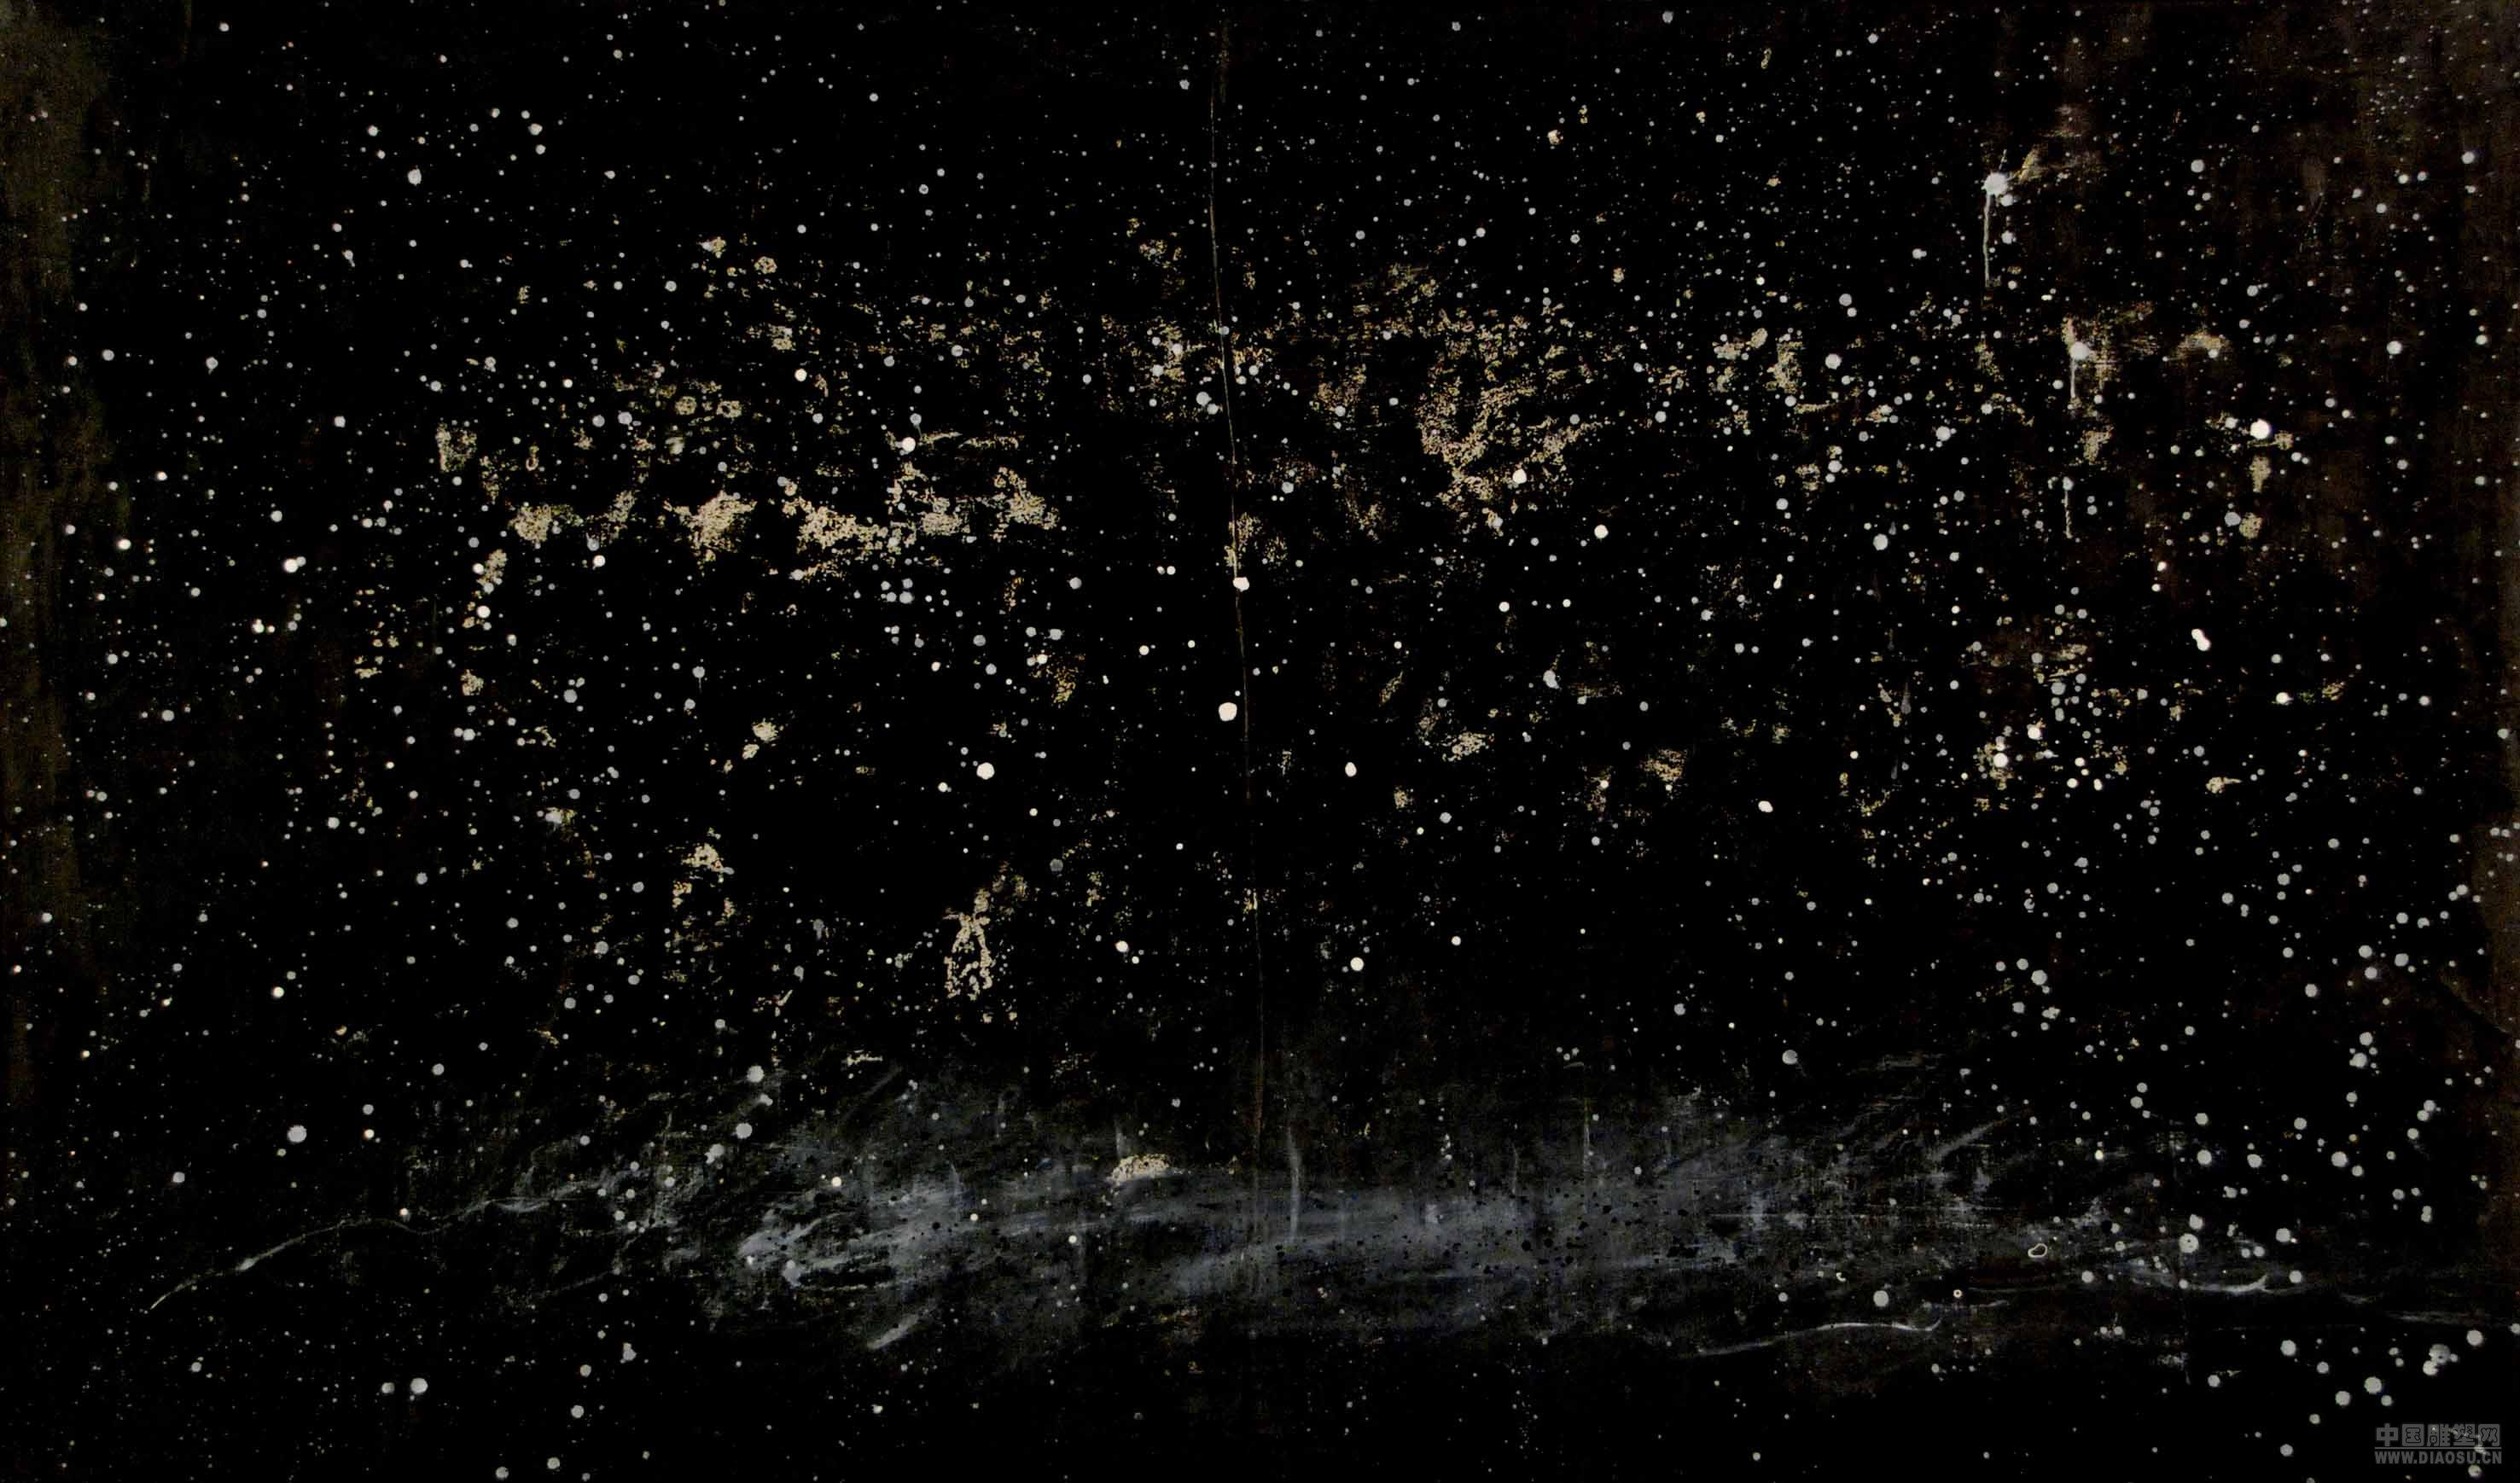 他用黑色的毛笔在白色的空间上就象疾驰的风儿一样奔跑,在悠久的山水